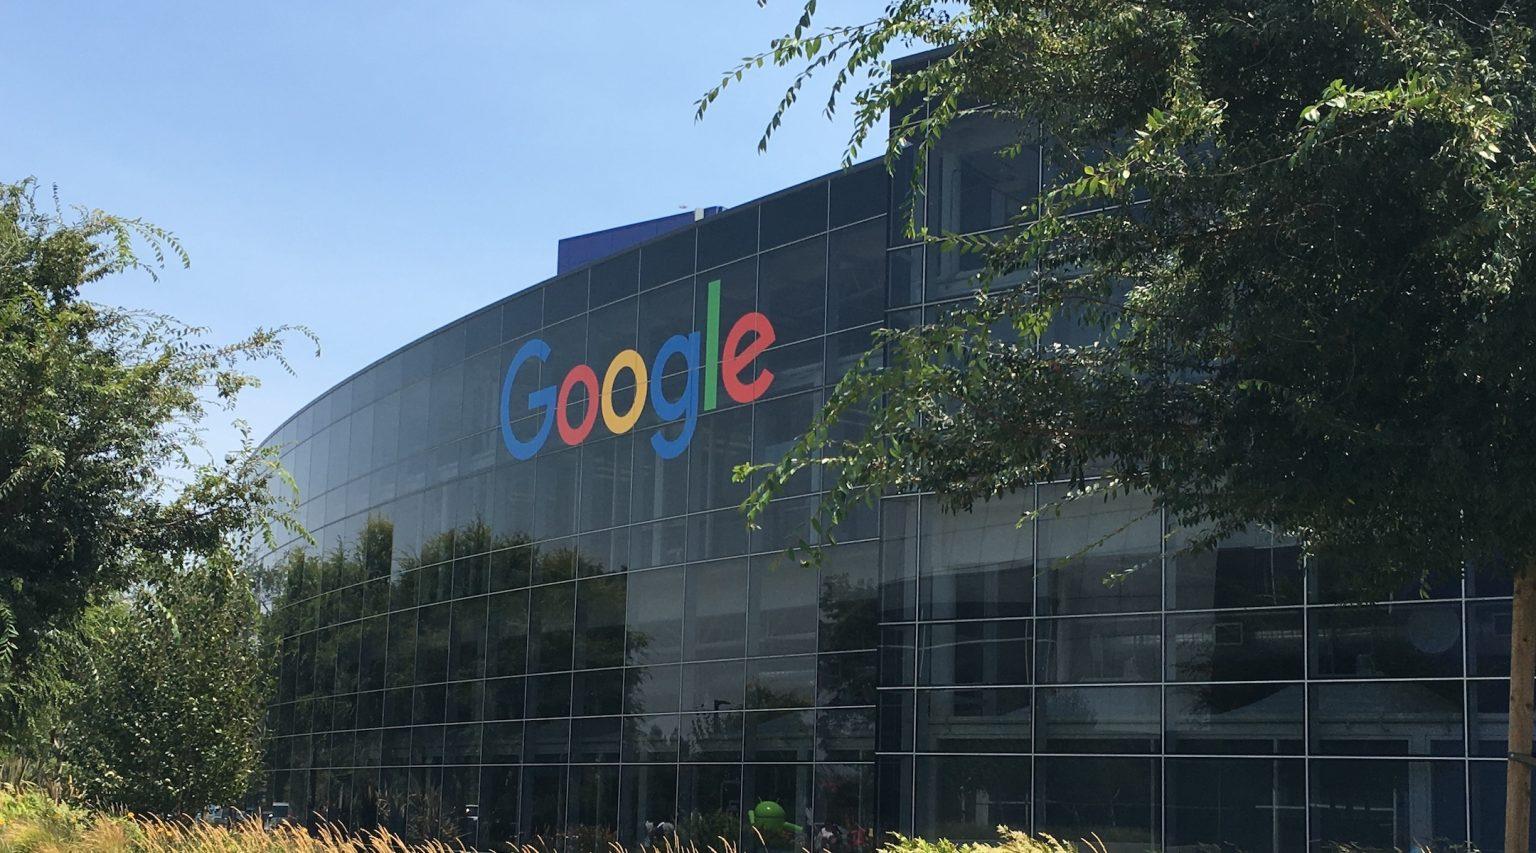 """Google reasignó a su jefe de estrategia luego de una publicación de 2007 en la que escribió que los judíos tienen un """"apetito insaciable por la guerra"""""""